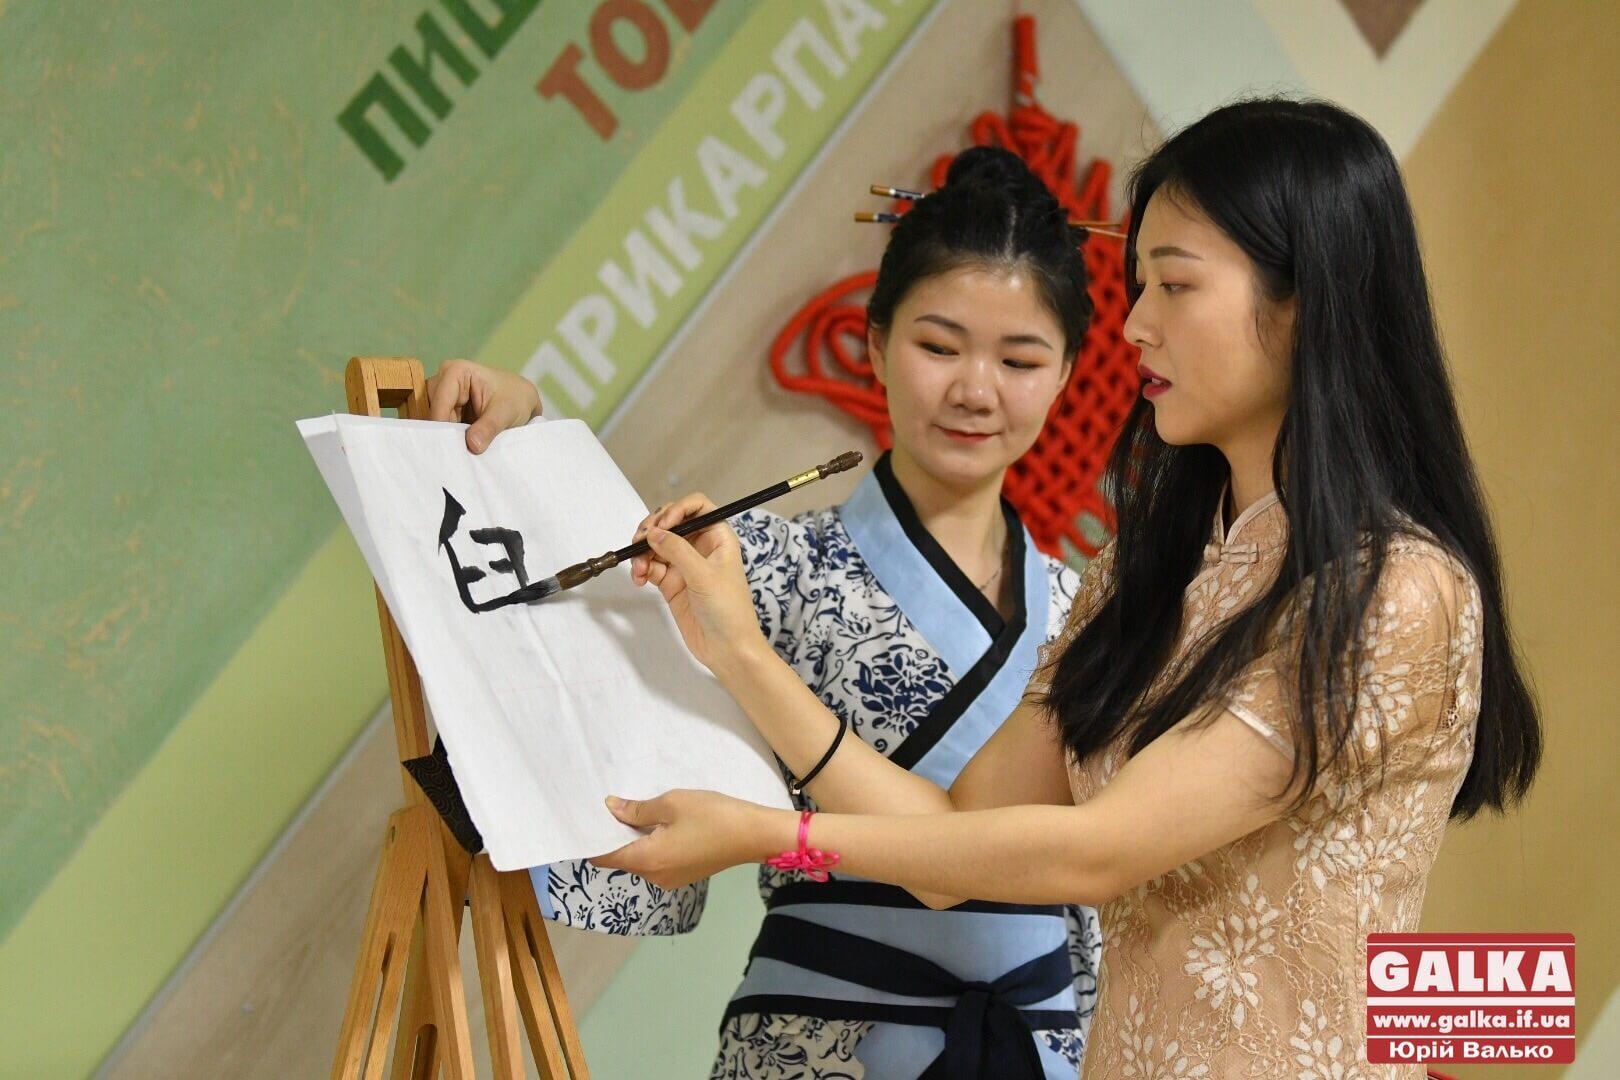 Показ мод, бойові мистецтва та східна каліграфія: як у Франківську відзначили Китайський Новий рік (ФОТОРЕПОРТАЖ)